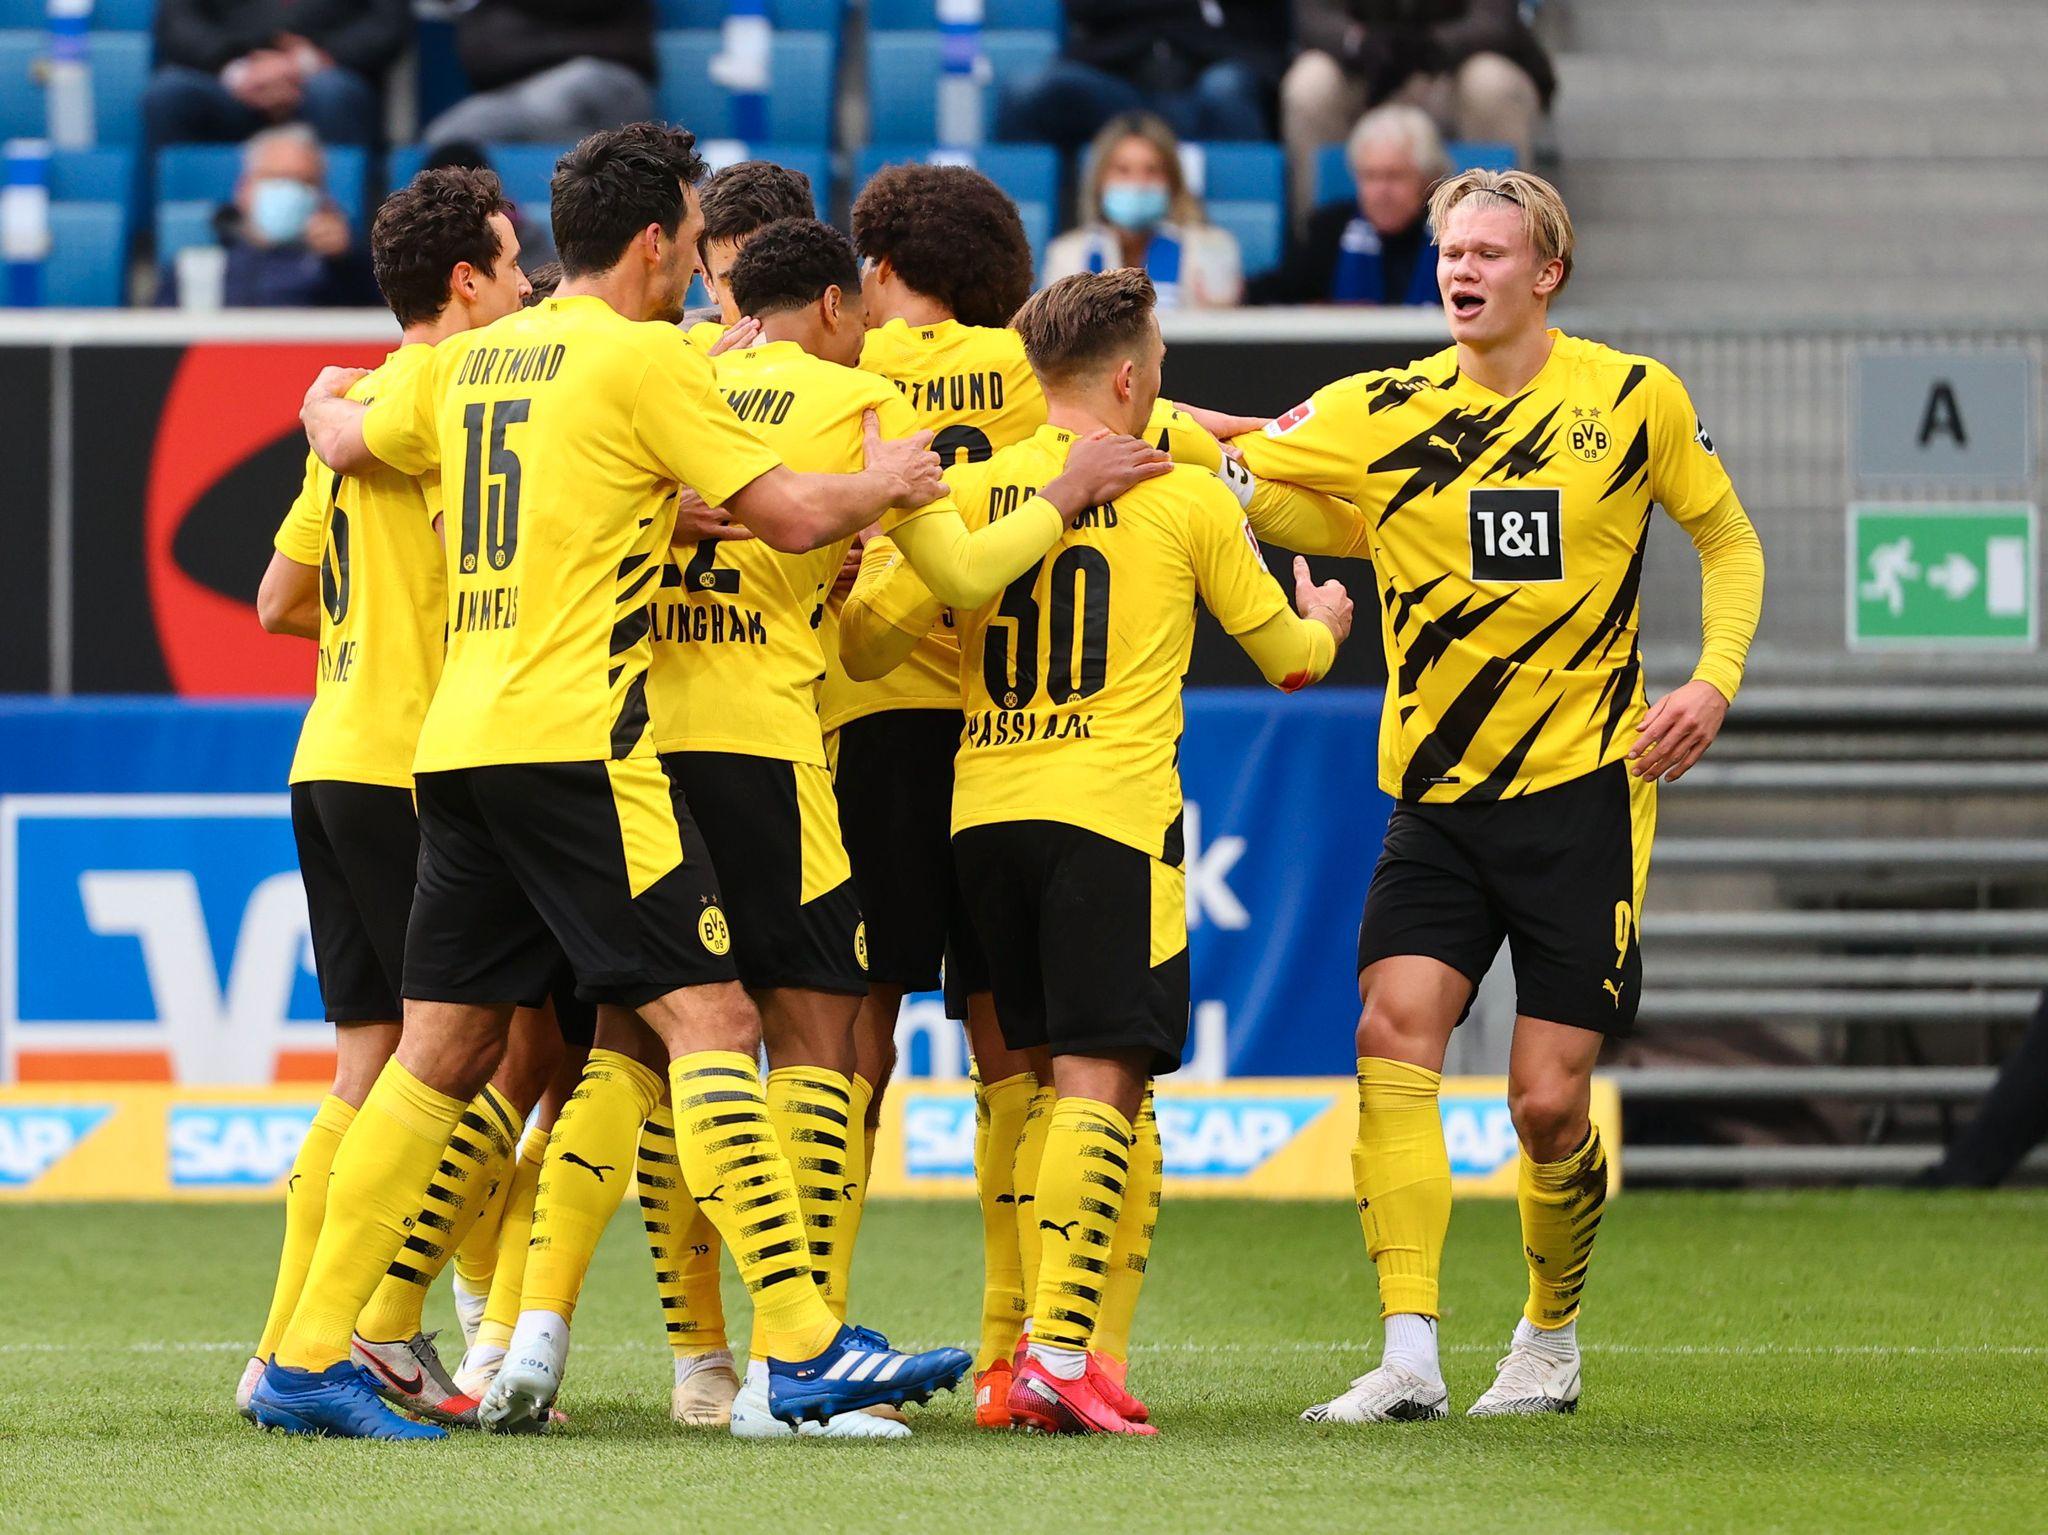 Dortmund Slet Med A Score Da Erling Braut Haaland Kom Inn Snudde Det